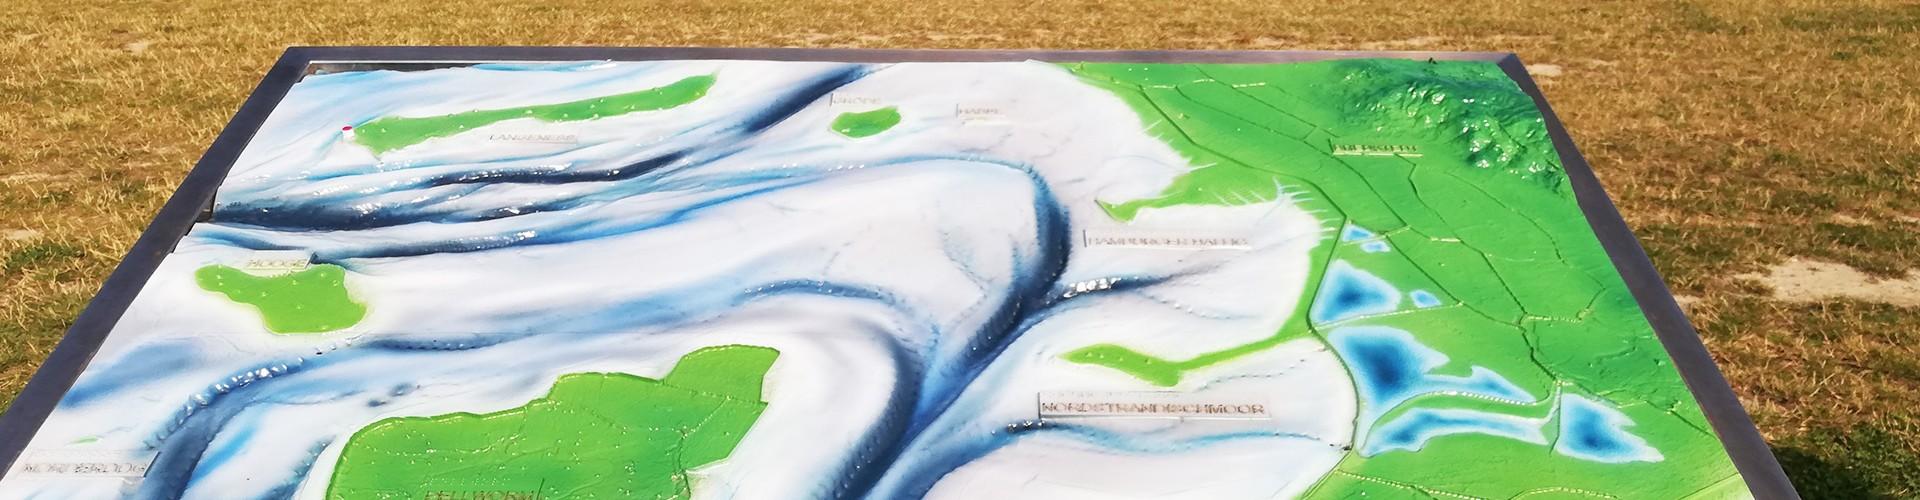 Man schaut auf einen Lageplan der nordfriesischen Inseln in Deutschland. Der Plan ist taktil ertastbar und man kann so die Lage der Inseln und Küste spüren. Im Hintergrund sieht man das Meer.